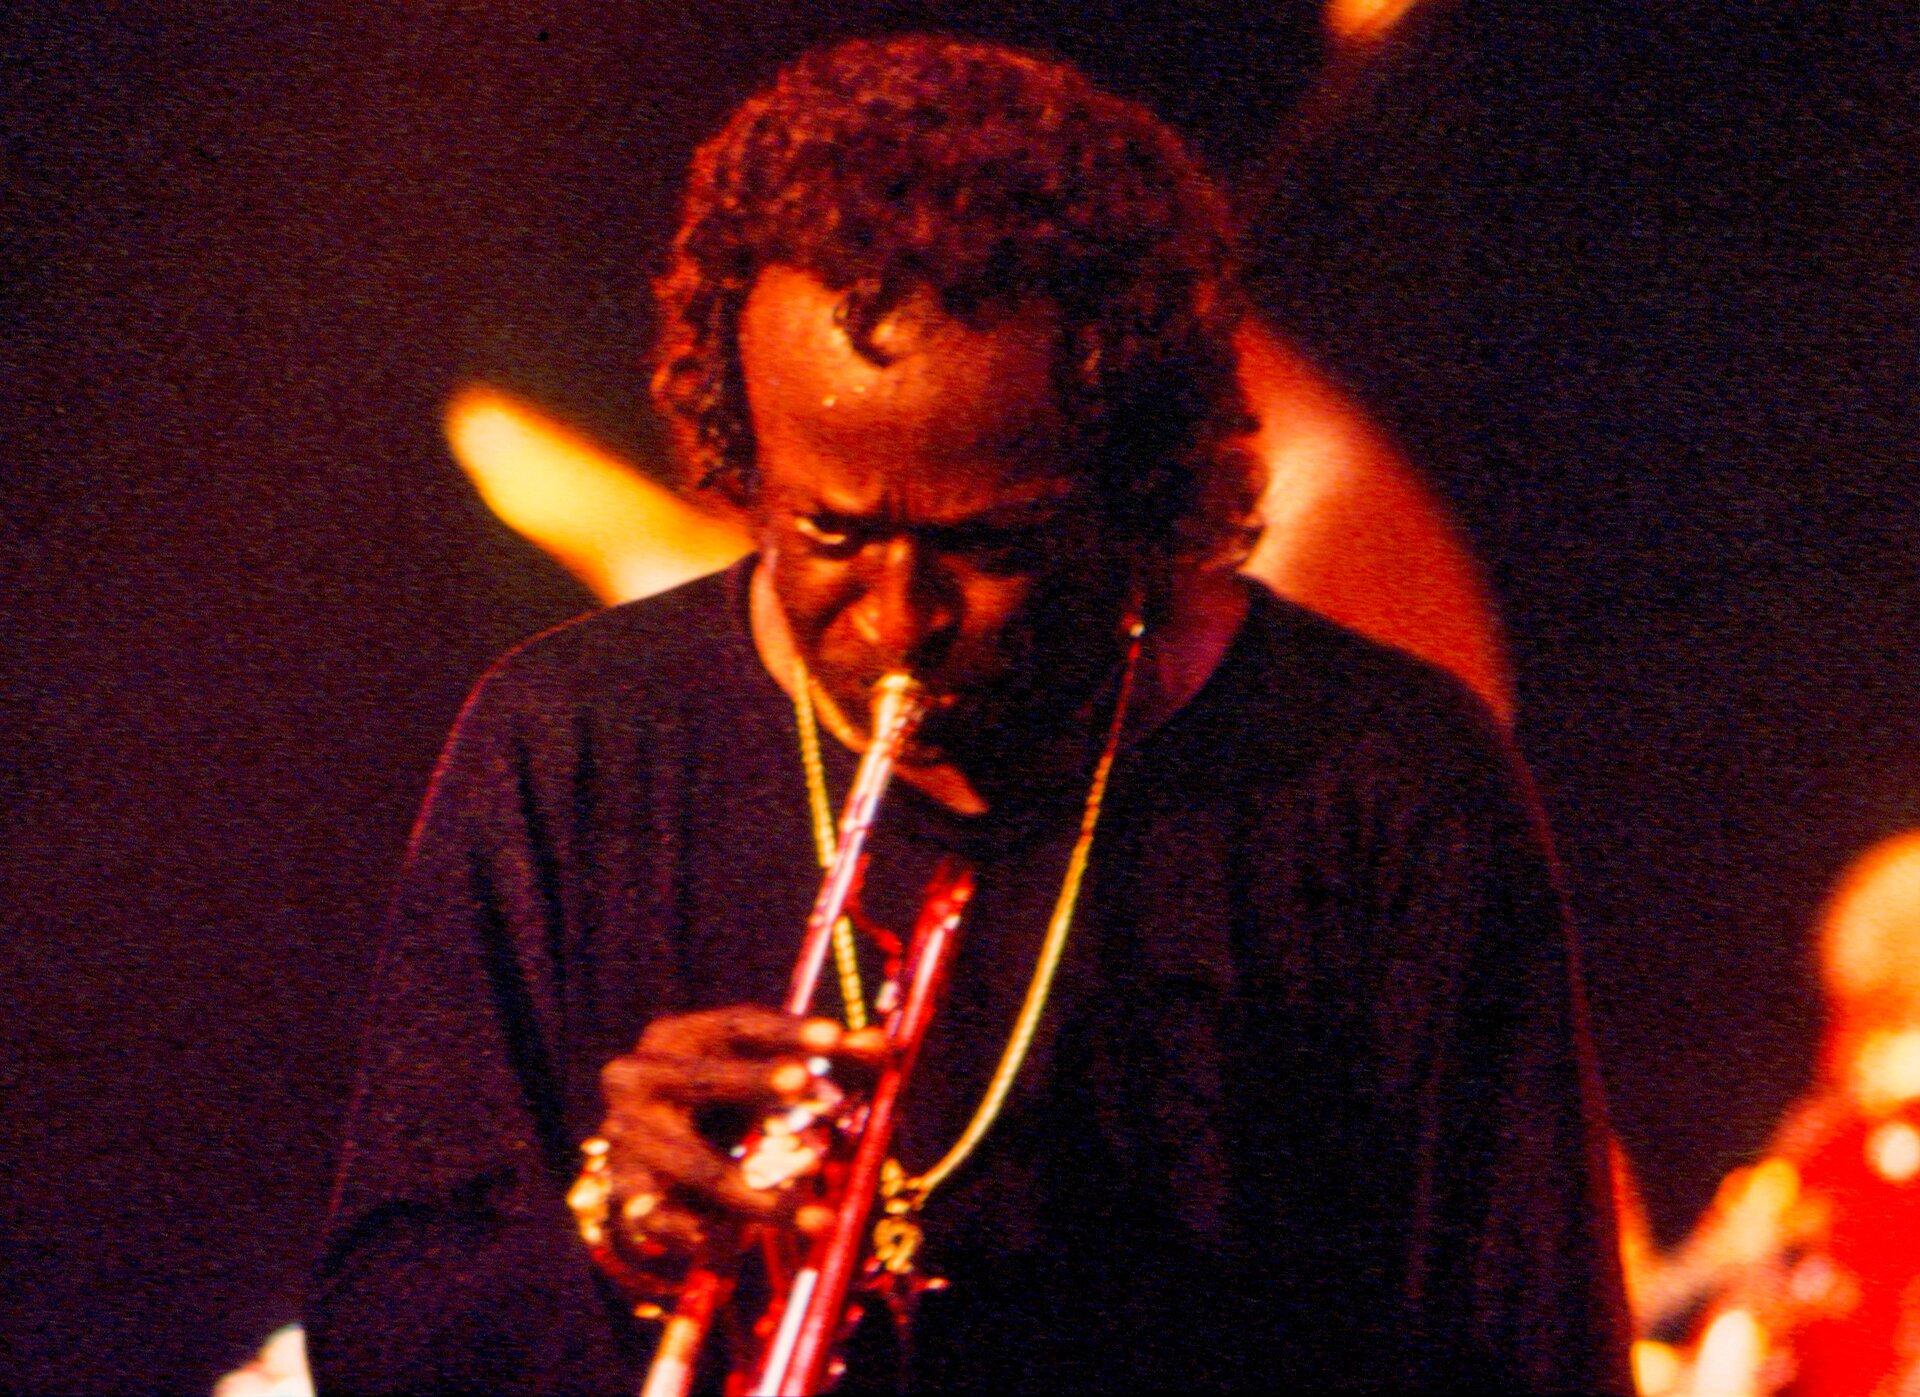 Ilustracja przedstawia zdjęcie słynnego amerykańskiego muzyka Milesa Davisa.